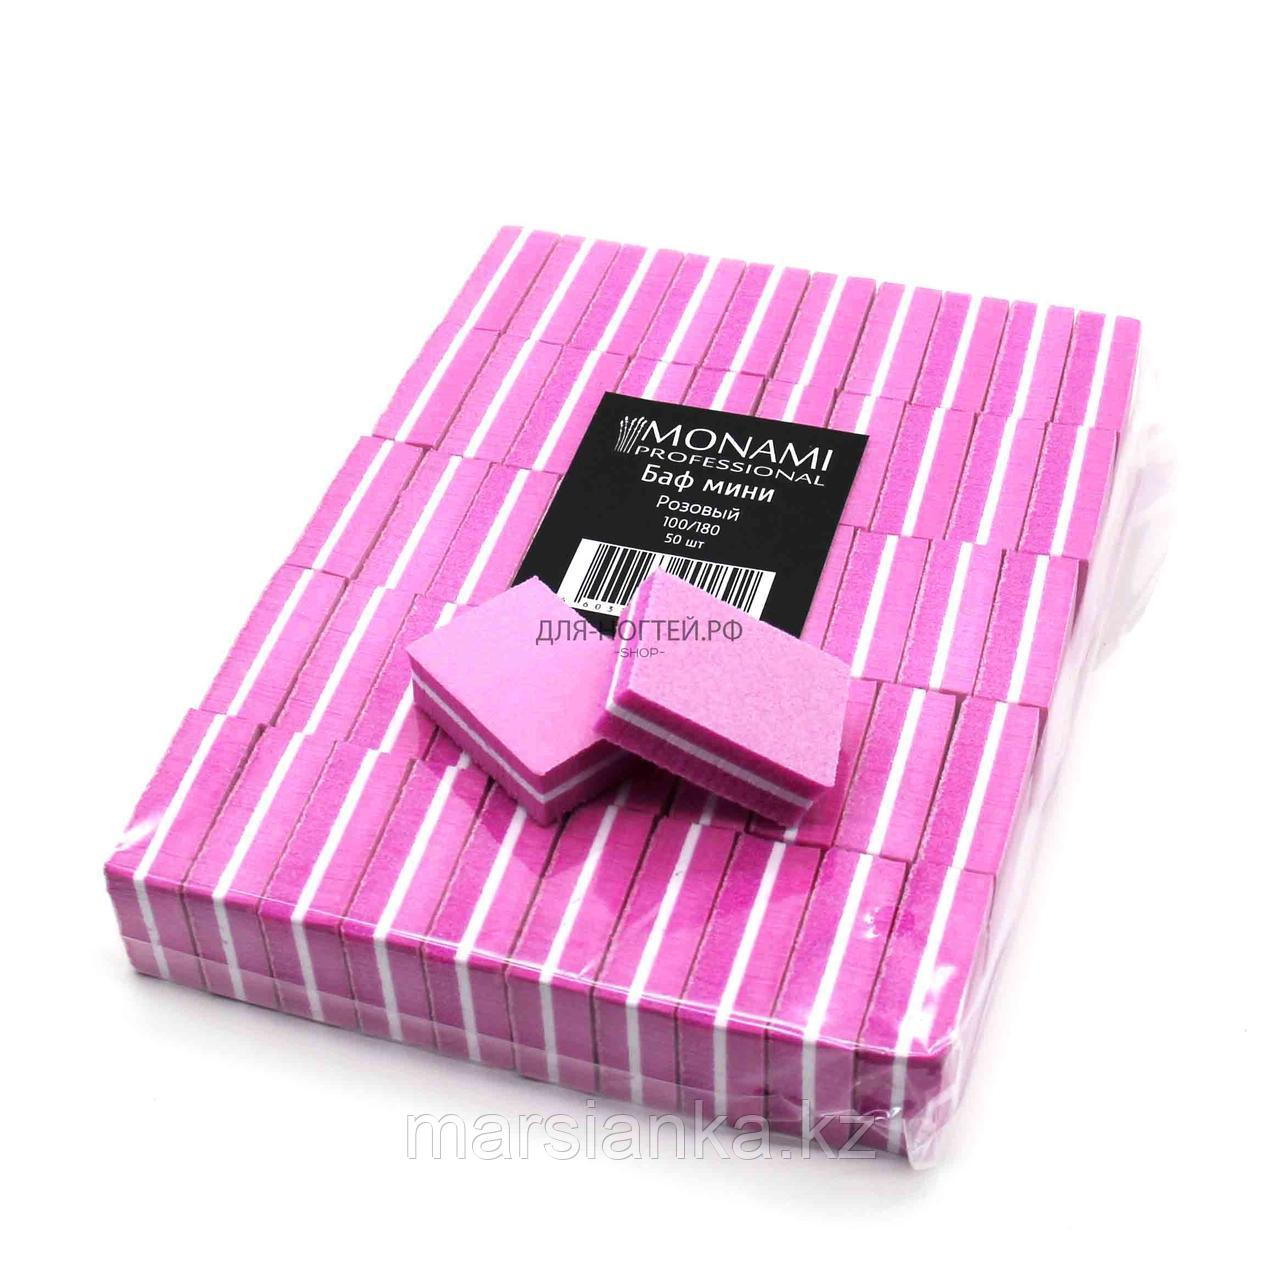 Мини баф Monami 100/180, 50шт розовый